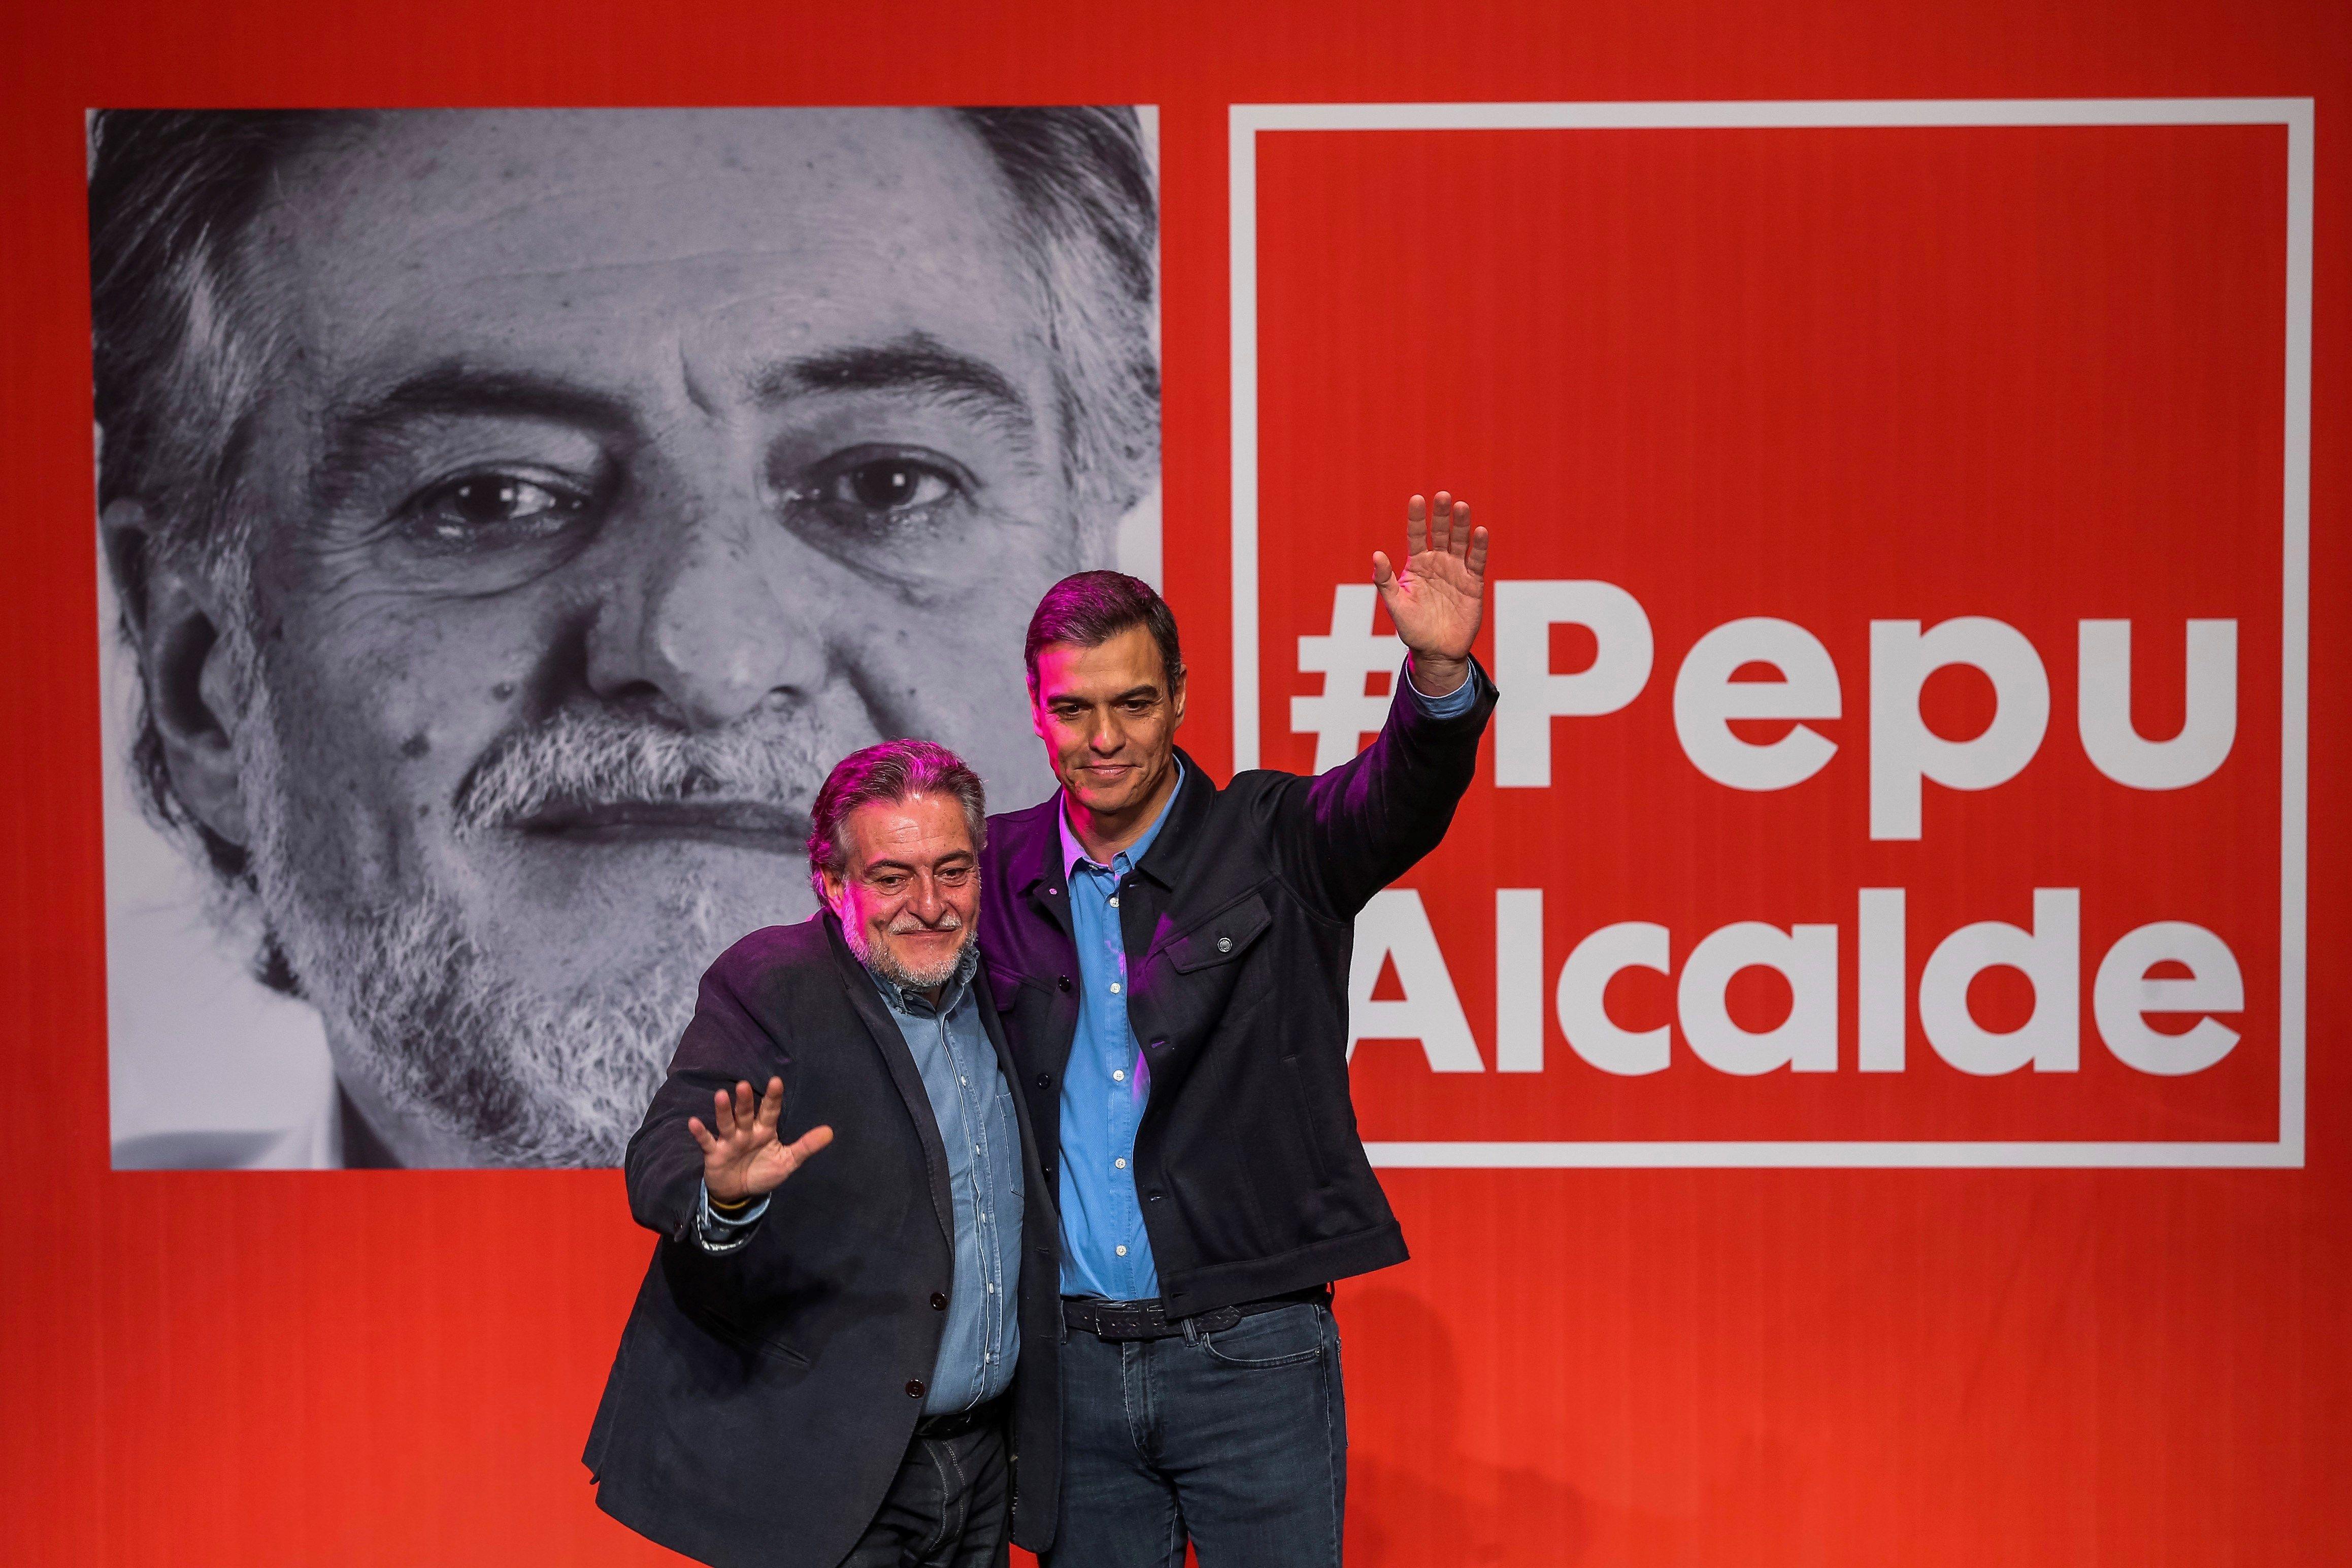 Pepu Hernández aclara que abandonó la sociedad que creó para pagar menos  impuestos antes de su precandidatura - Republica.com